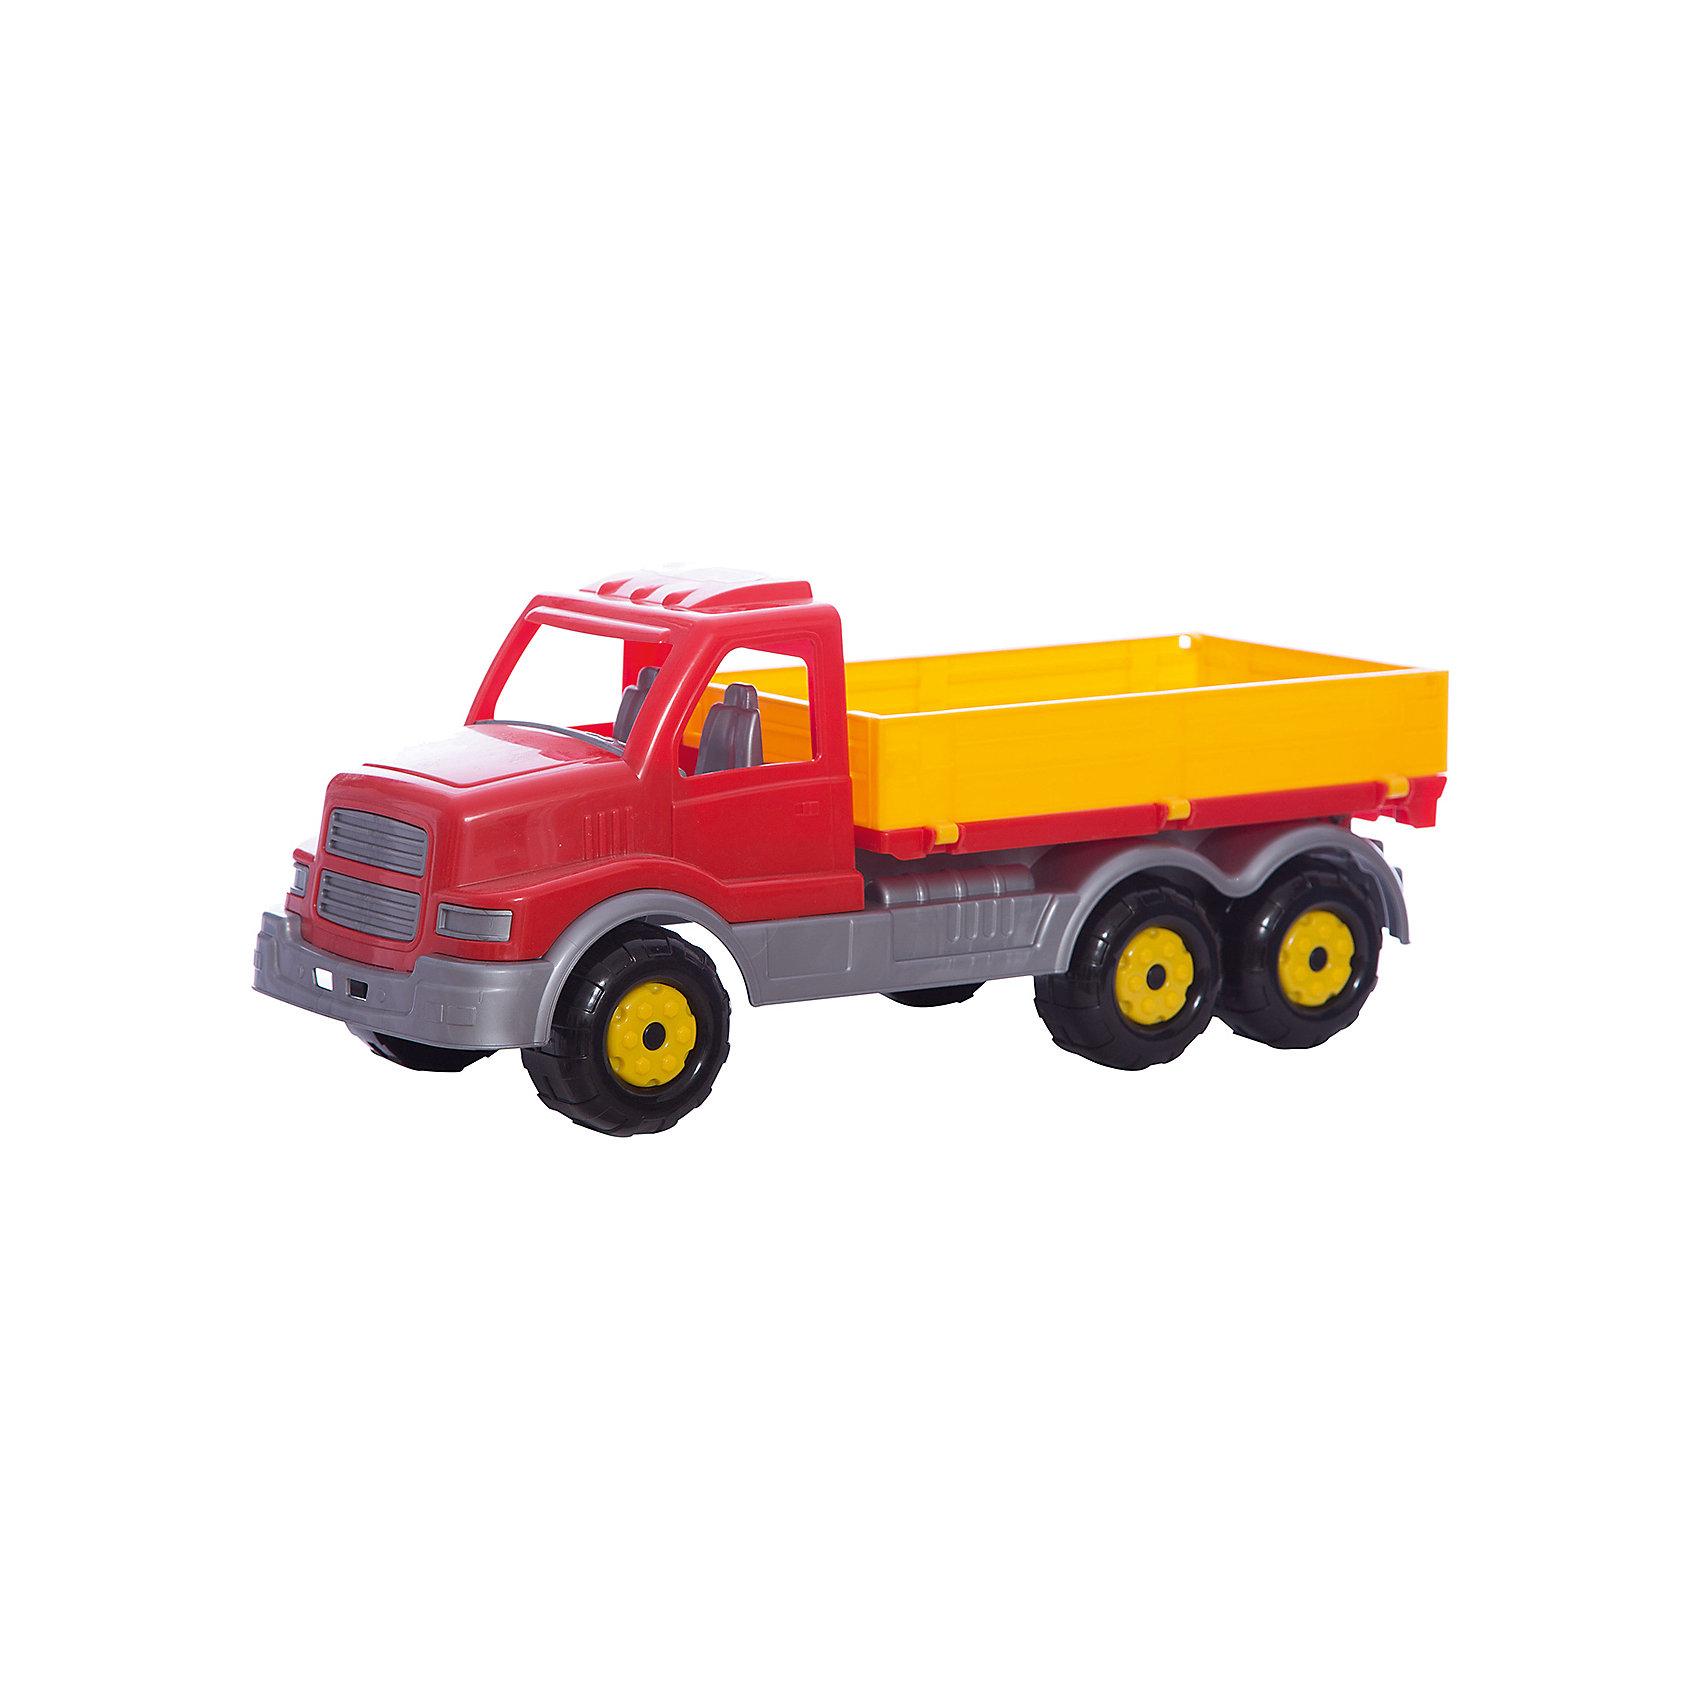 Автомобиль Сталкер, ПолесьеИграем в песочнице<br>Автомобиль Сталкер, Полесье.<br><br>Характеристики:<br><br>- Размер игрушки: 16,5х17х43 см.<br>- Материал: пластик<br>- Упаковка: сетка<br><br>Автомобиль Сталкер от фирмы Полесье идеально подходит как для игр дома, так и на улице. В его просторном кузове можно перевозить песок, формочки и другие игрушки. В водительской кабине предусмотрено два места: для водителя и пассажира. Колесная база представлена тремя парами пластиковых рельефных колес, которые обеспечивают машине отличную проходимость. Игрушка изготовлена из безопасного пластика, отличается высокой прочностью и отличным качеством сборки.<br><br>Автомобиль Сталкер, Полесье можно купить в нашем интернет-магазине.<br><br>Ширина мм: 445<br>Глубина мм: 165<br>Высота мм: 185<br>Вес г: 830<br>Возраст от месяцев: 36<br>Возраст до месяцев: 96<br>Пол: Мужской<br>Возраст: Детский<br>SKU: 4763440